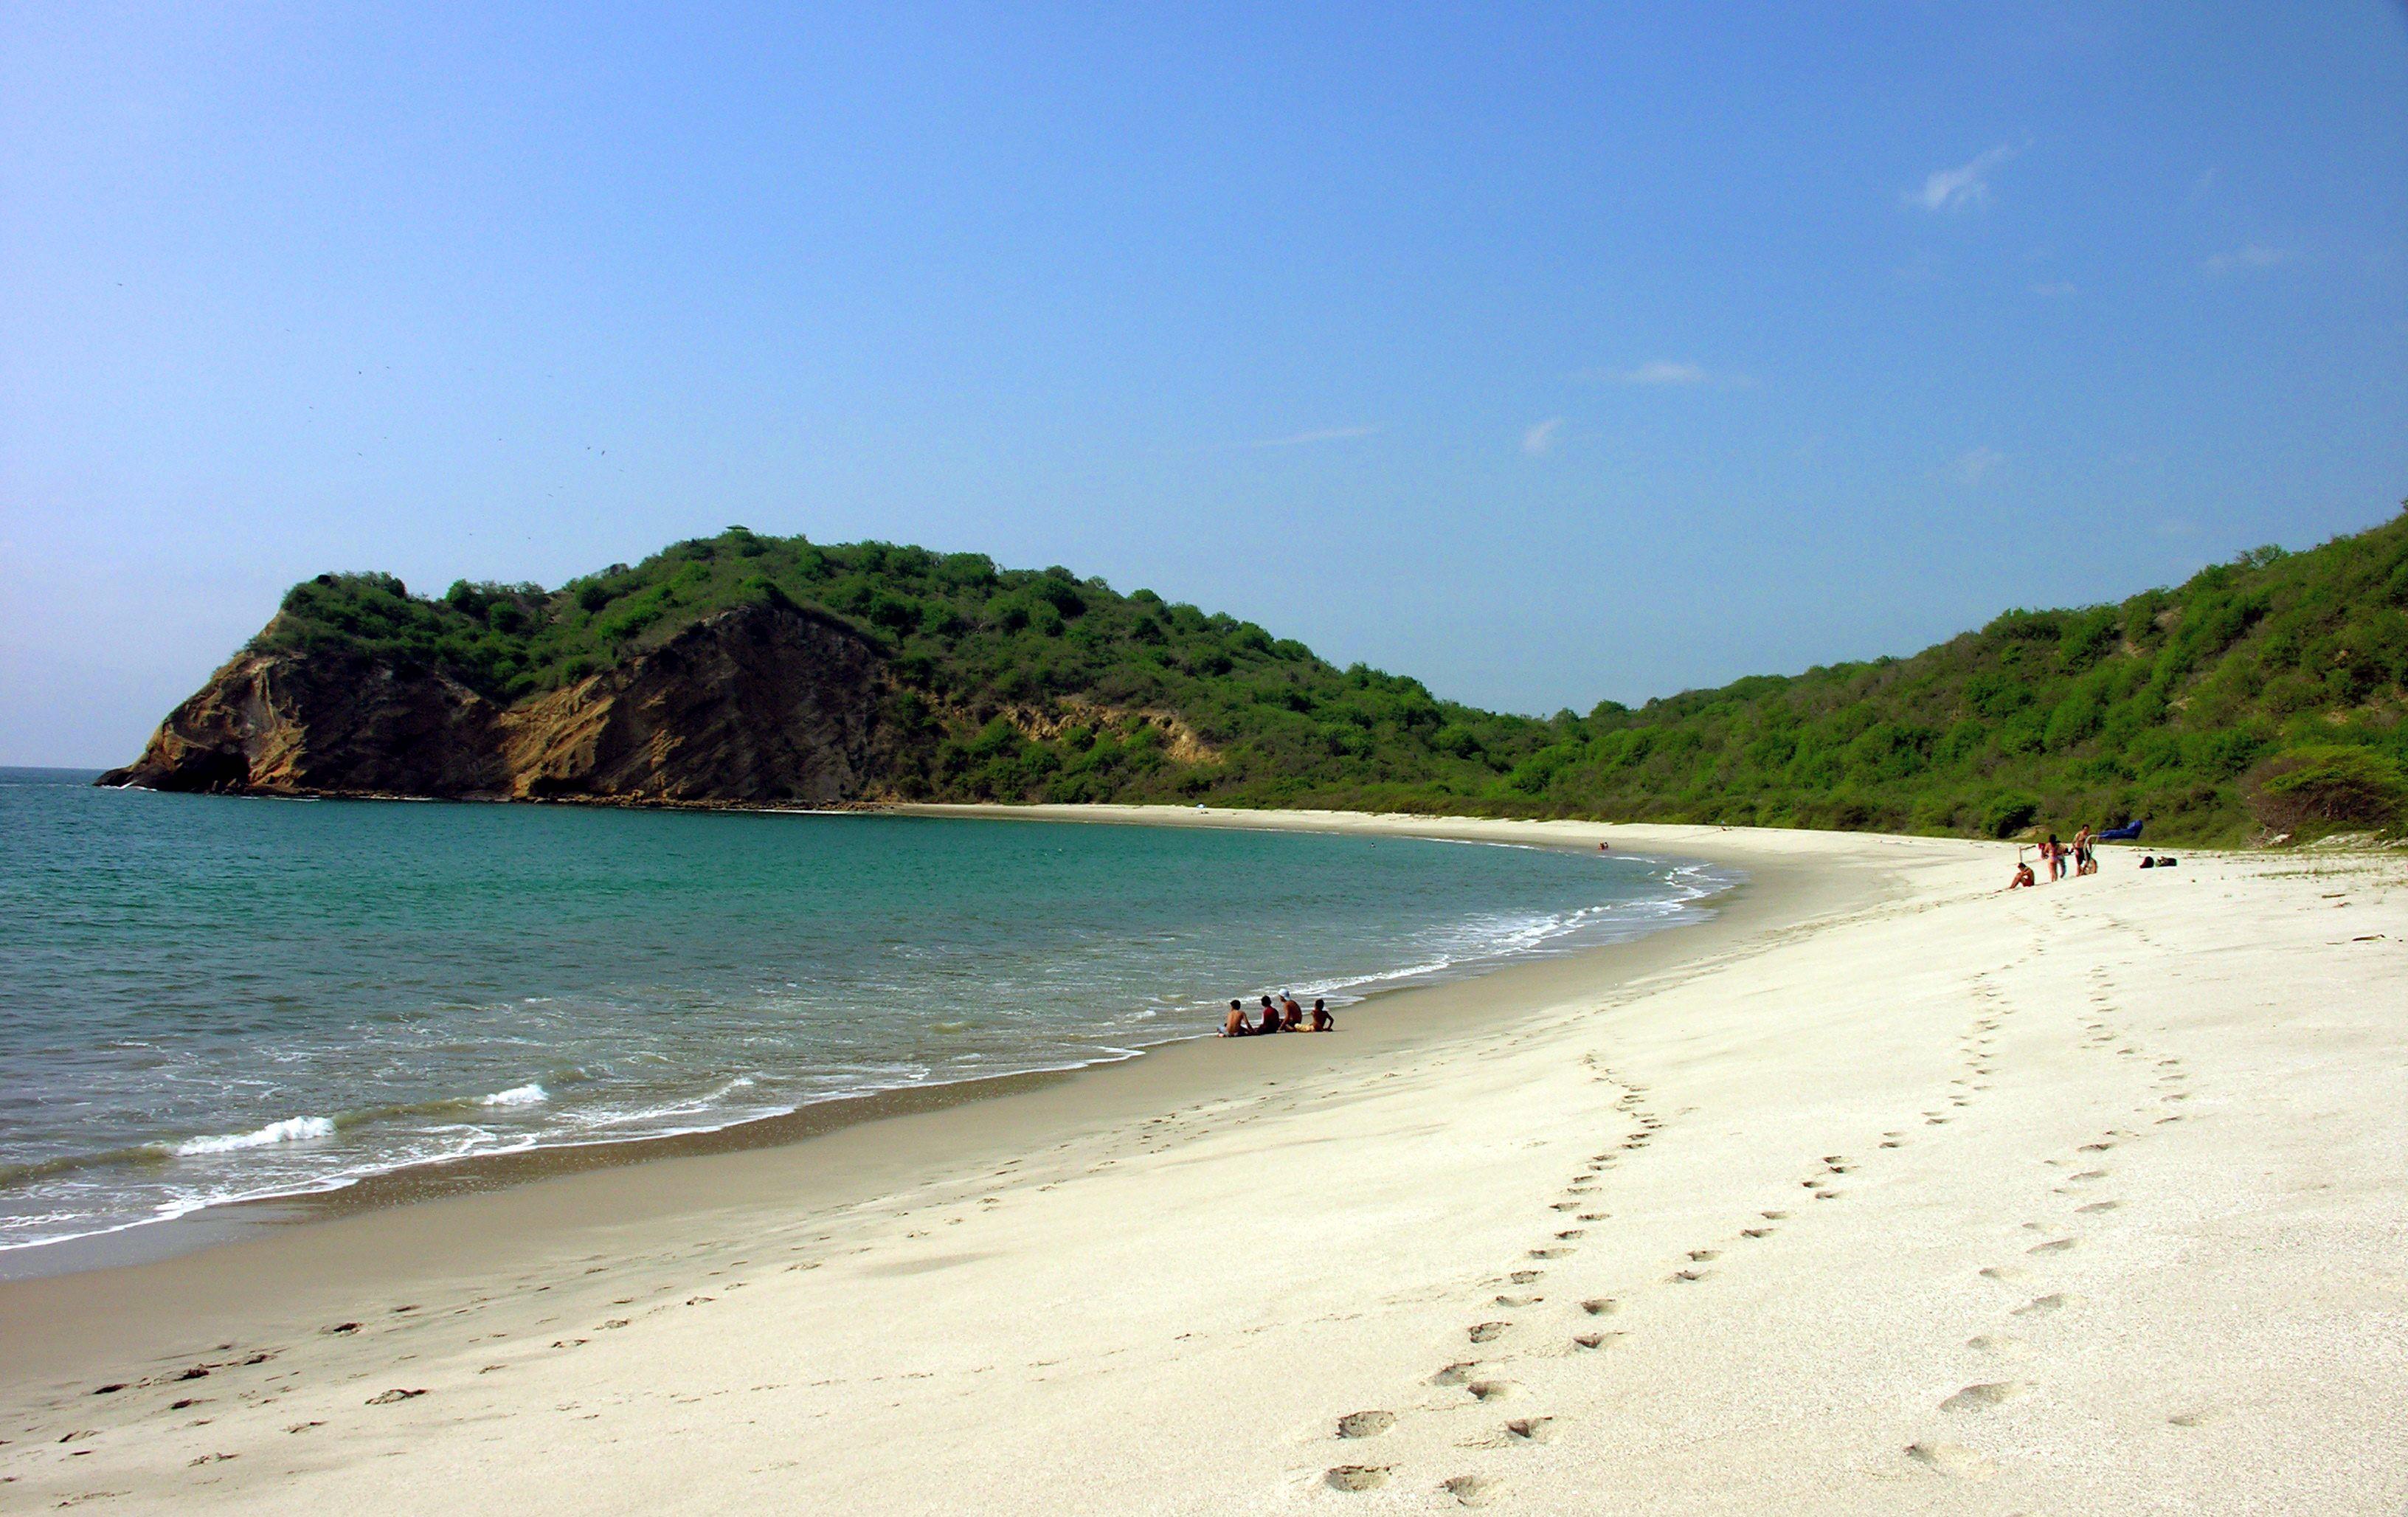 выбирайте лучших эквадор фото пляжей просто хватает